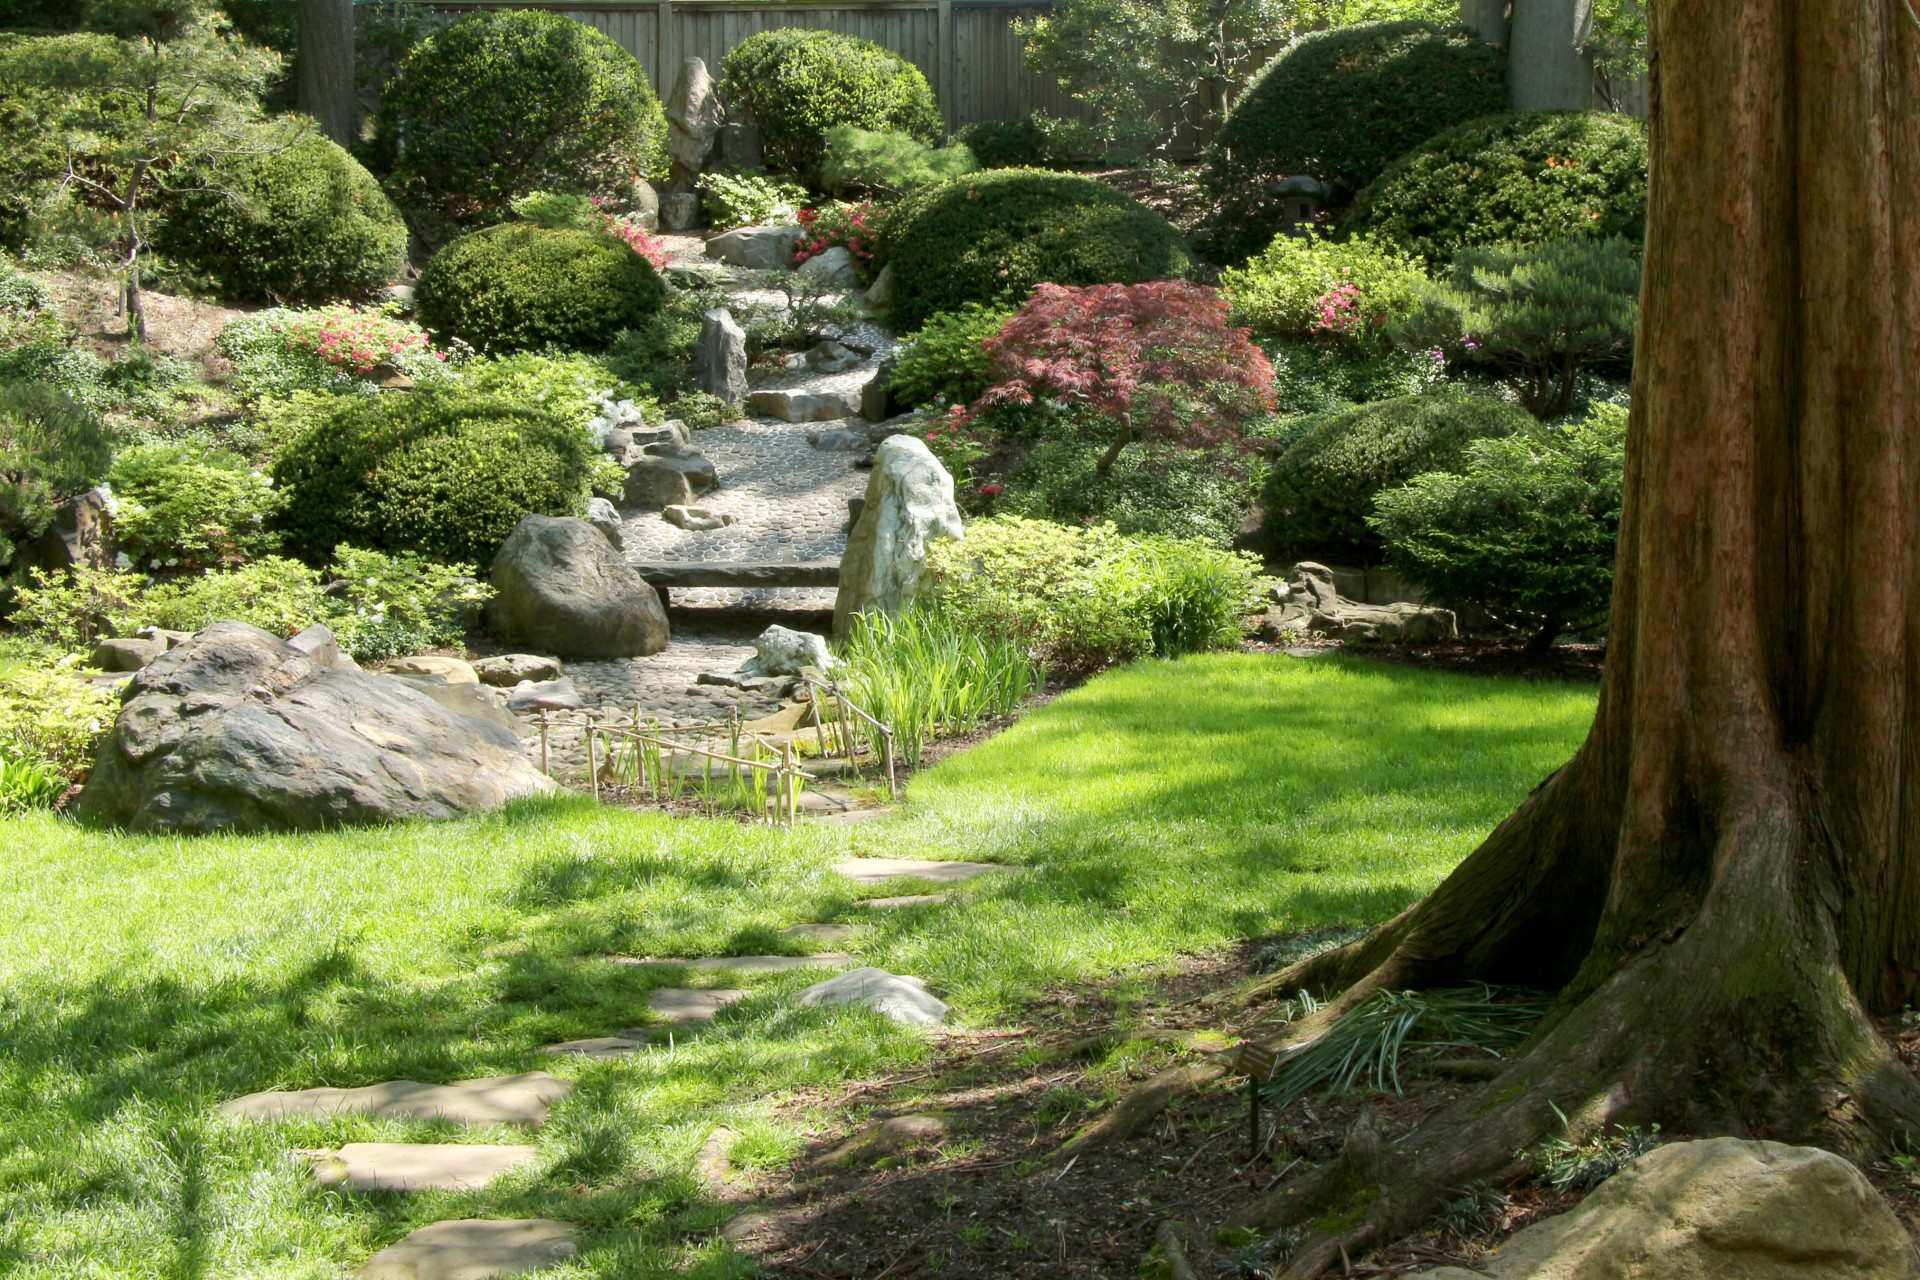 3 basic japanese garden principles landscaper should know